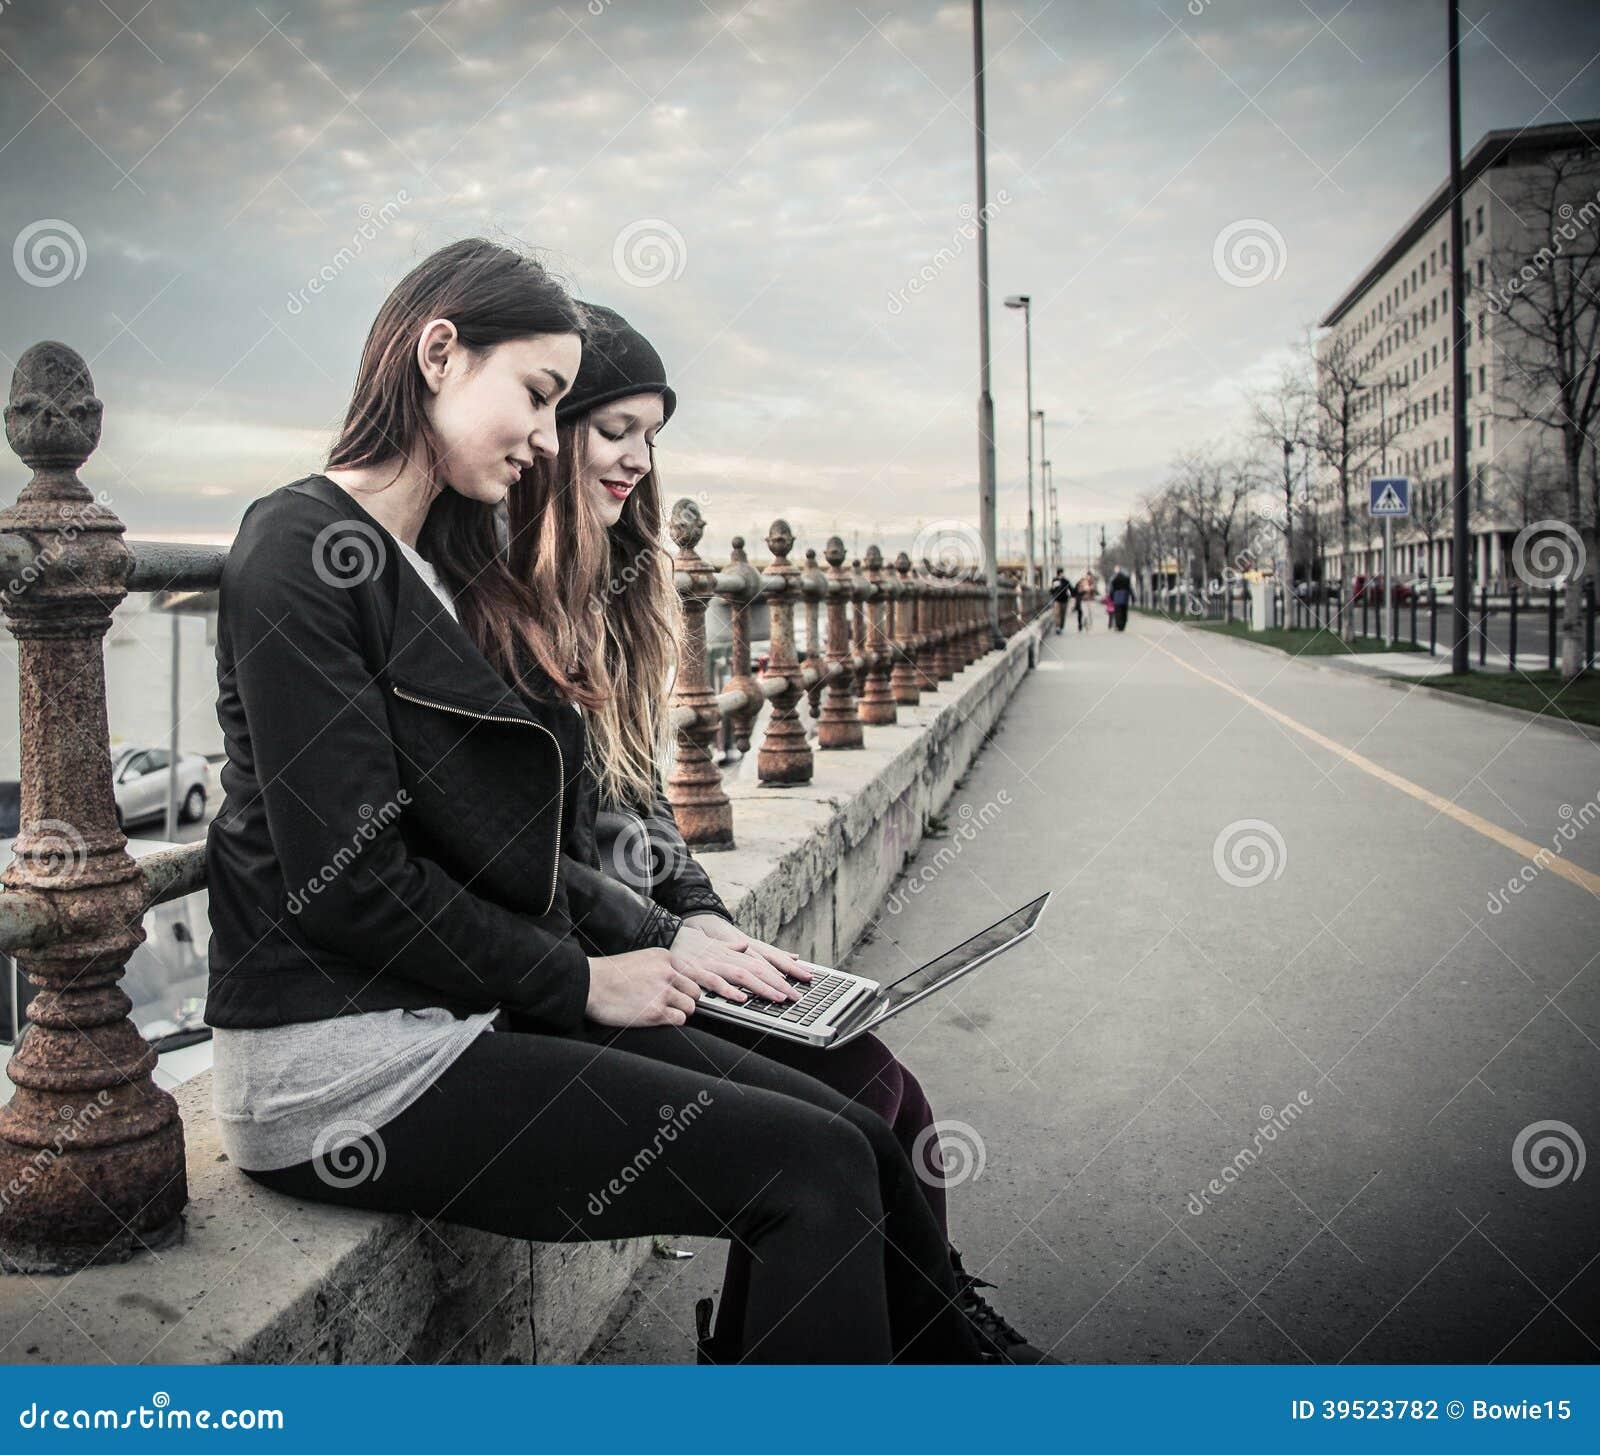 Junge Frauen, die einen Laptop betrachten